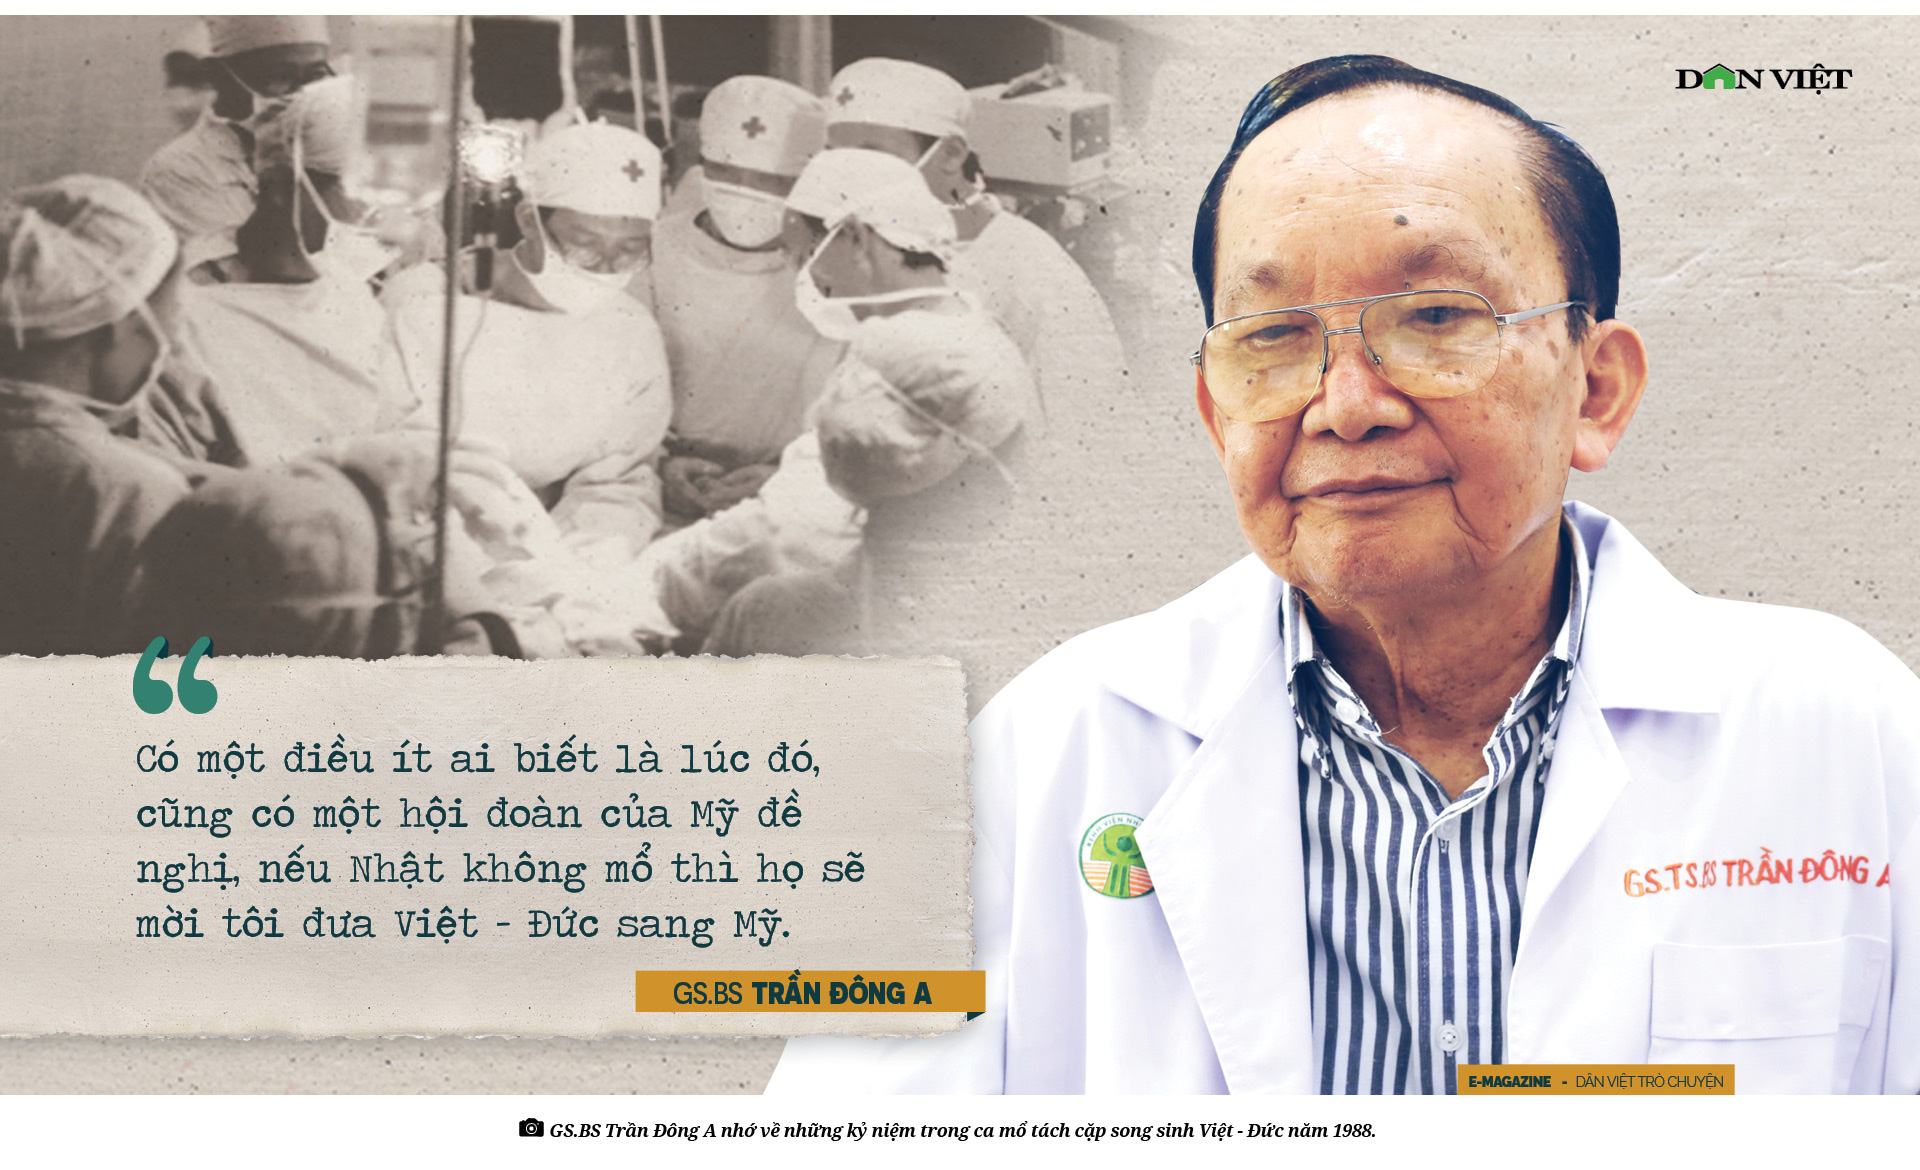 Giáo sư bác sĩ Trần Đông A: Sứ giả hòa giải dân tộc và nụ cười tận hiến - Ảnh 5.